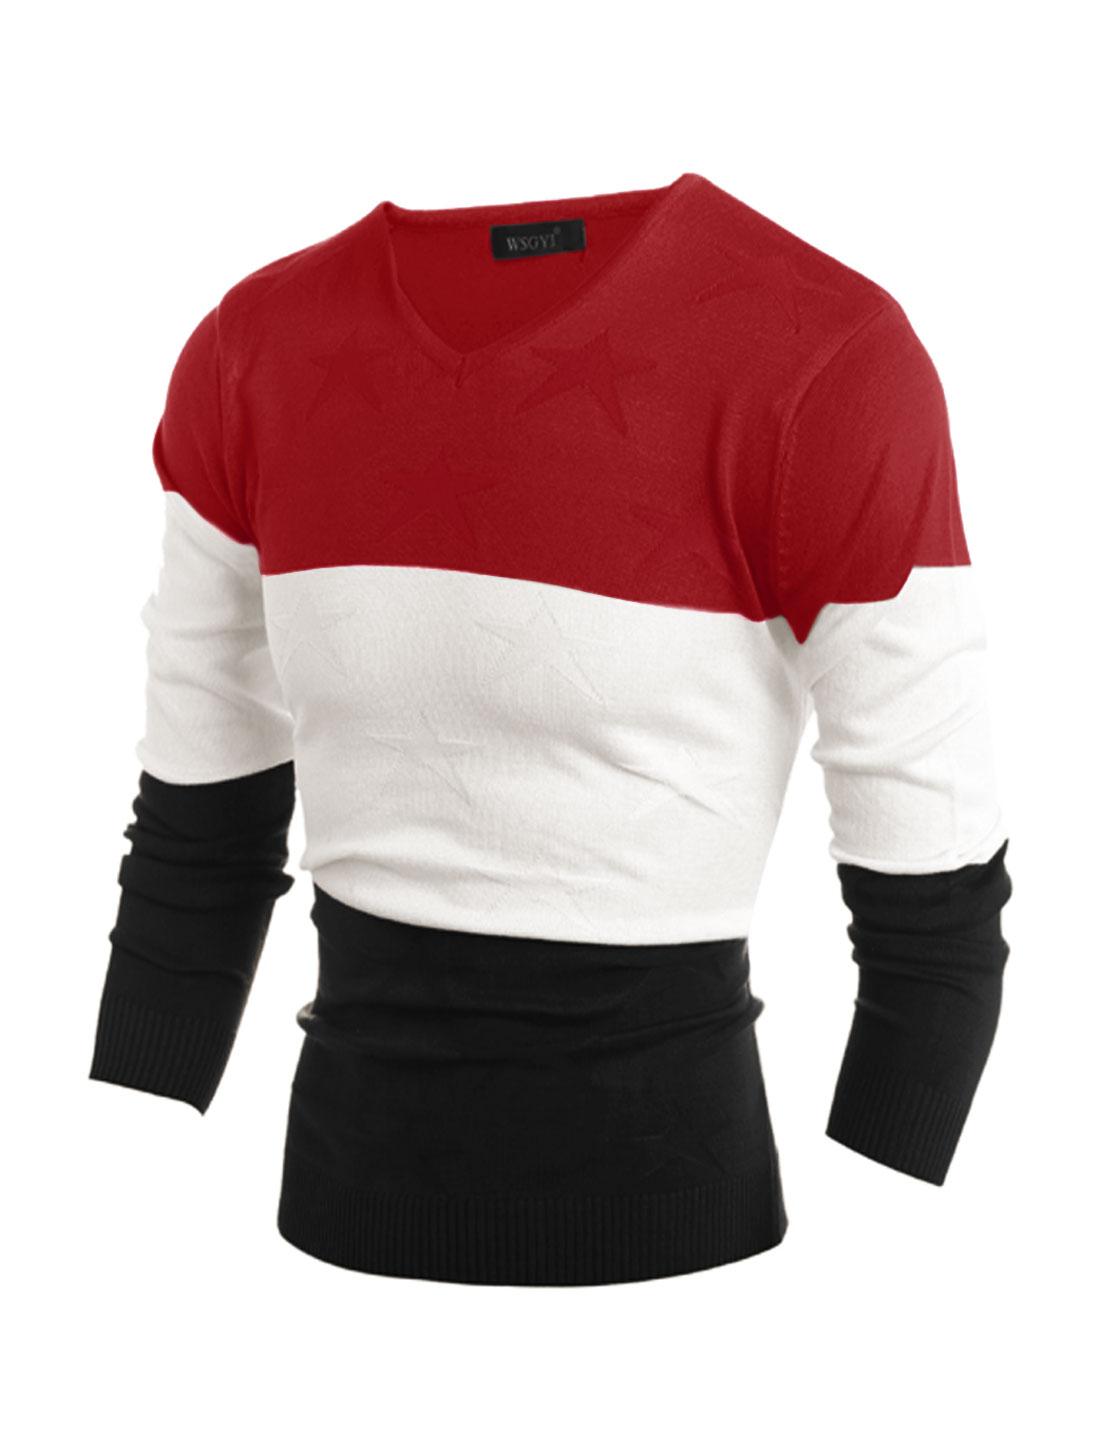 Men V Neck Stars Color Block Slim Fit Knit Shirt Red M